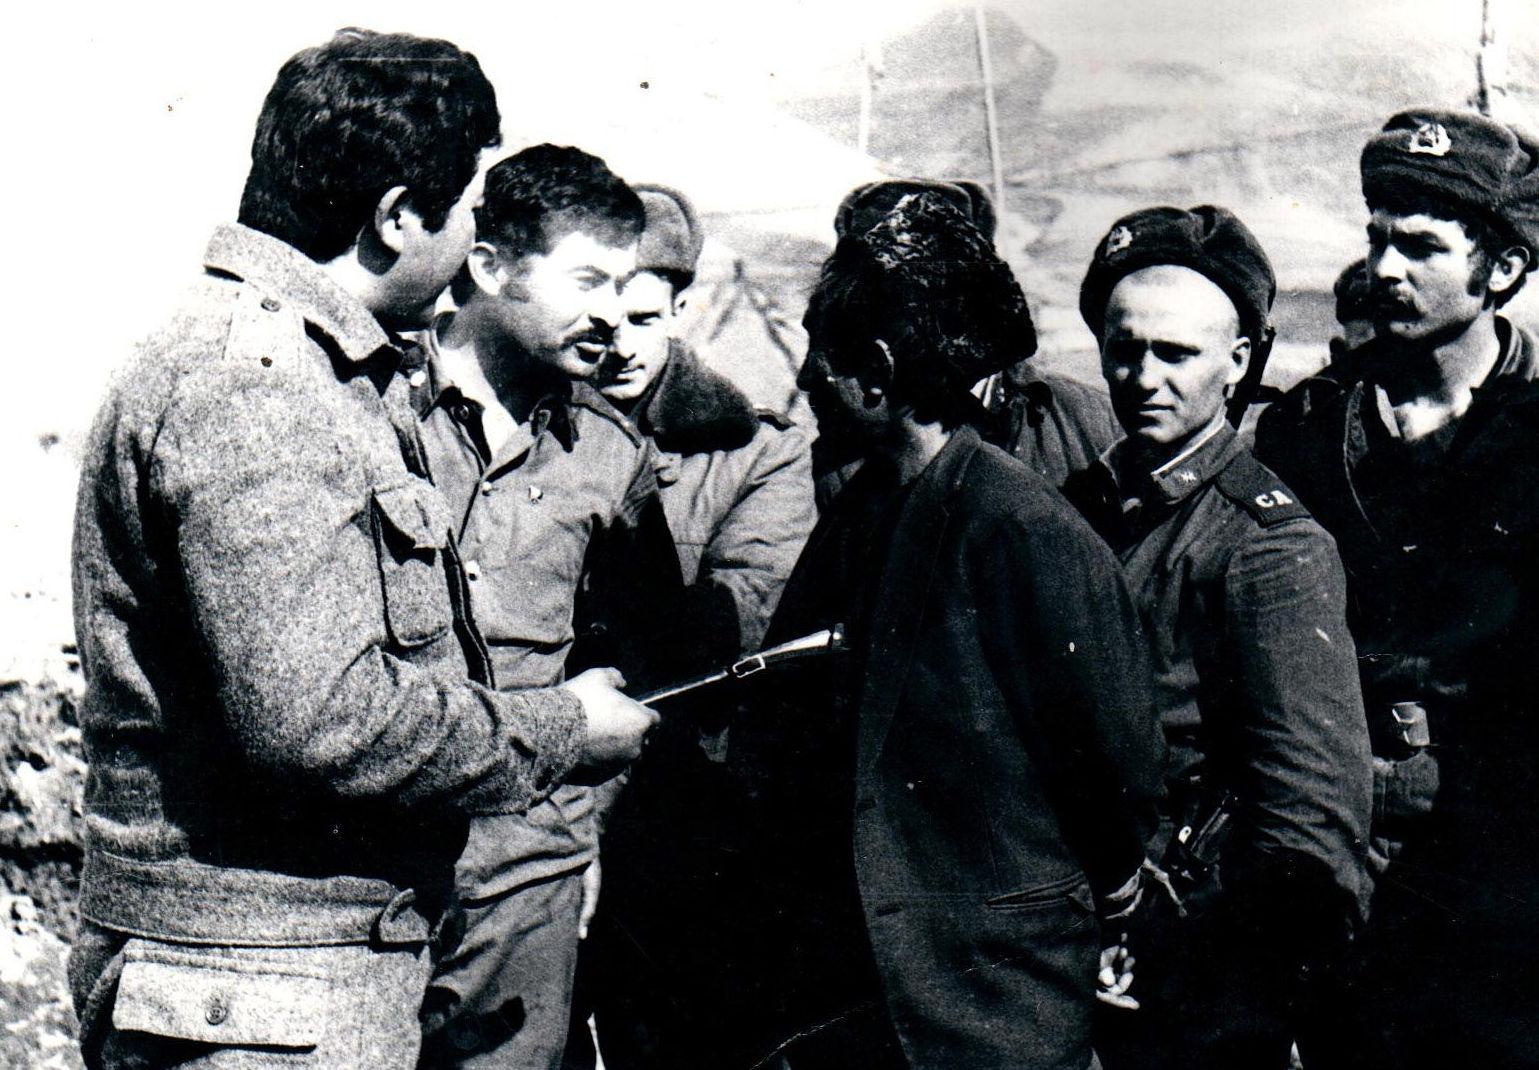 Встреча с информатором моджахедов Начальник особого отдела капитан 860 полка Д.Кубатов крайний слева.Северный Афганистан.1980г